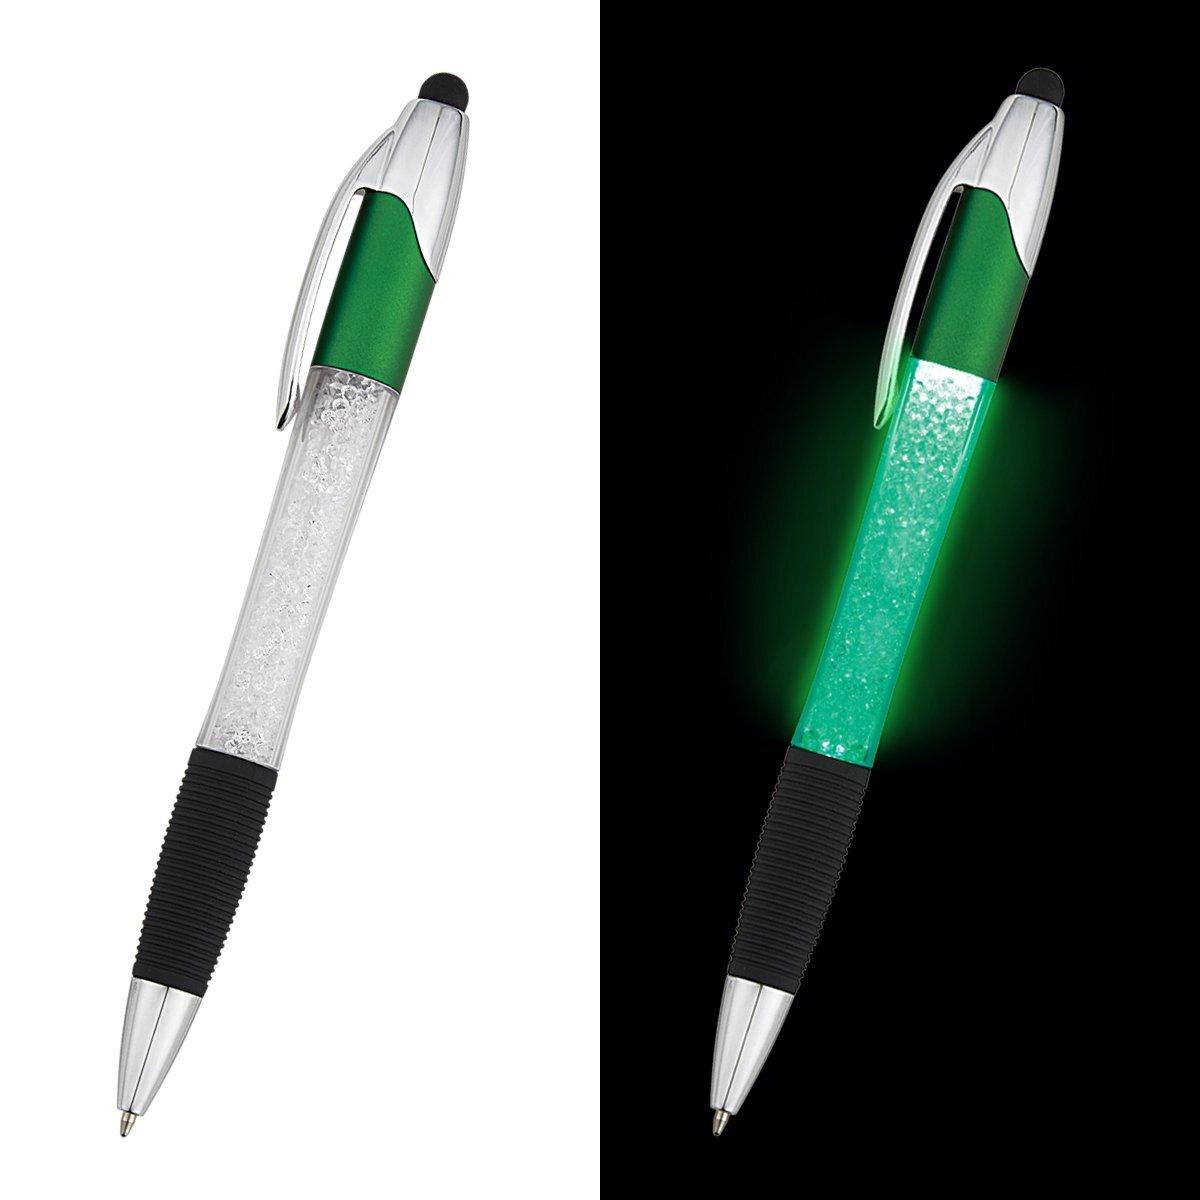 Del Mar Light Stylus Pen